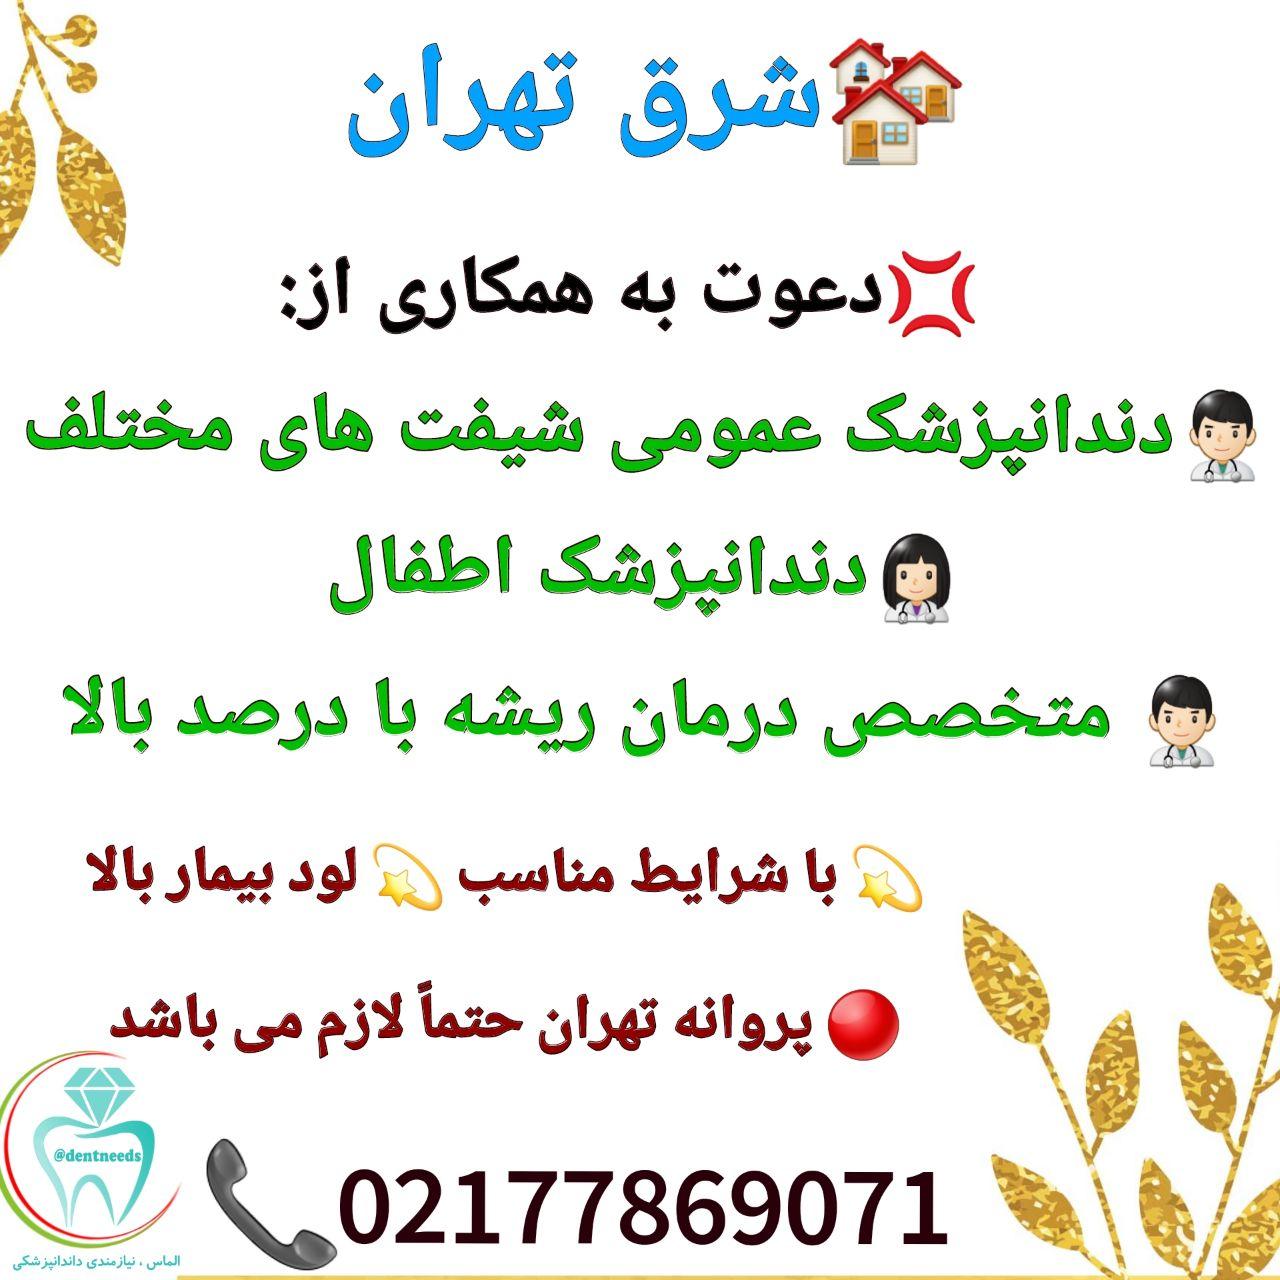 شرق تهران: نیاز به دندانپزشک عمومی شیفت های مختلف، دندانپزشک اطفال، و متخصص درمان ریشه با درصد بالا